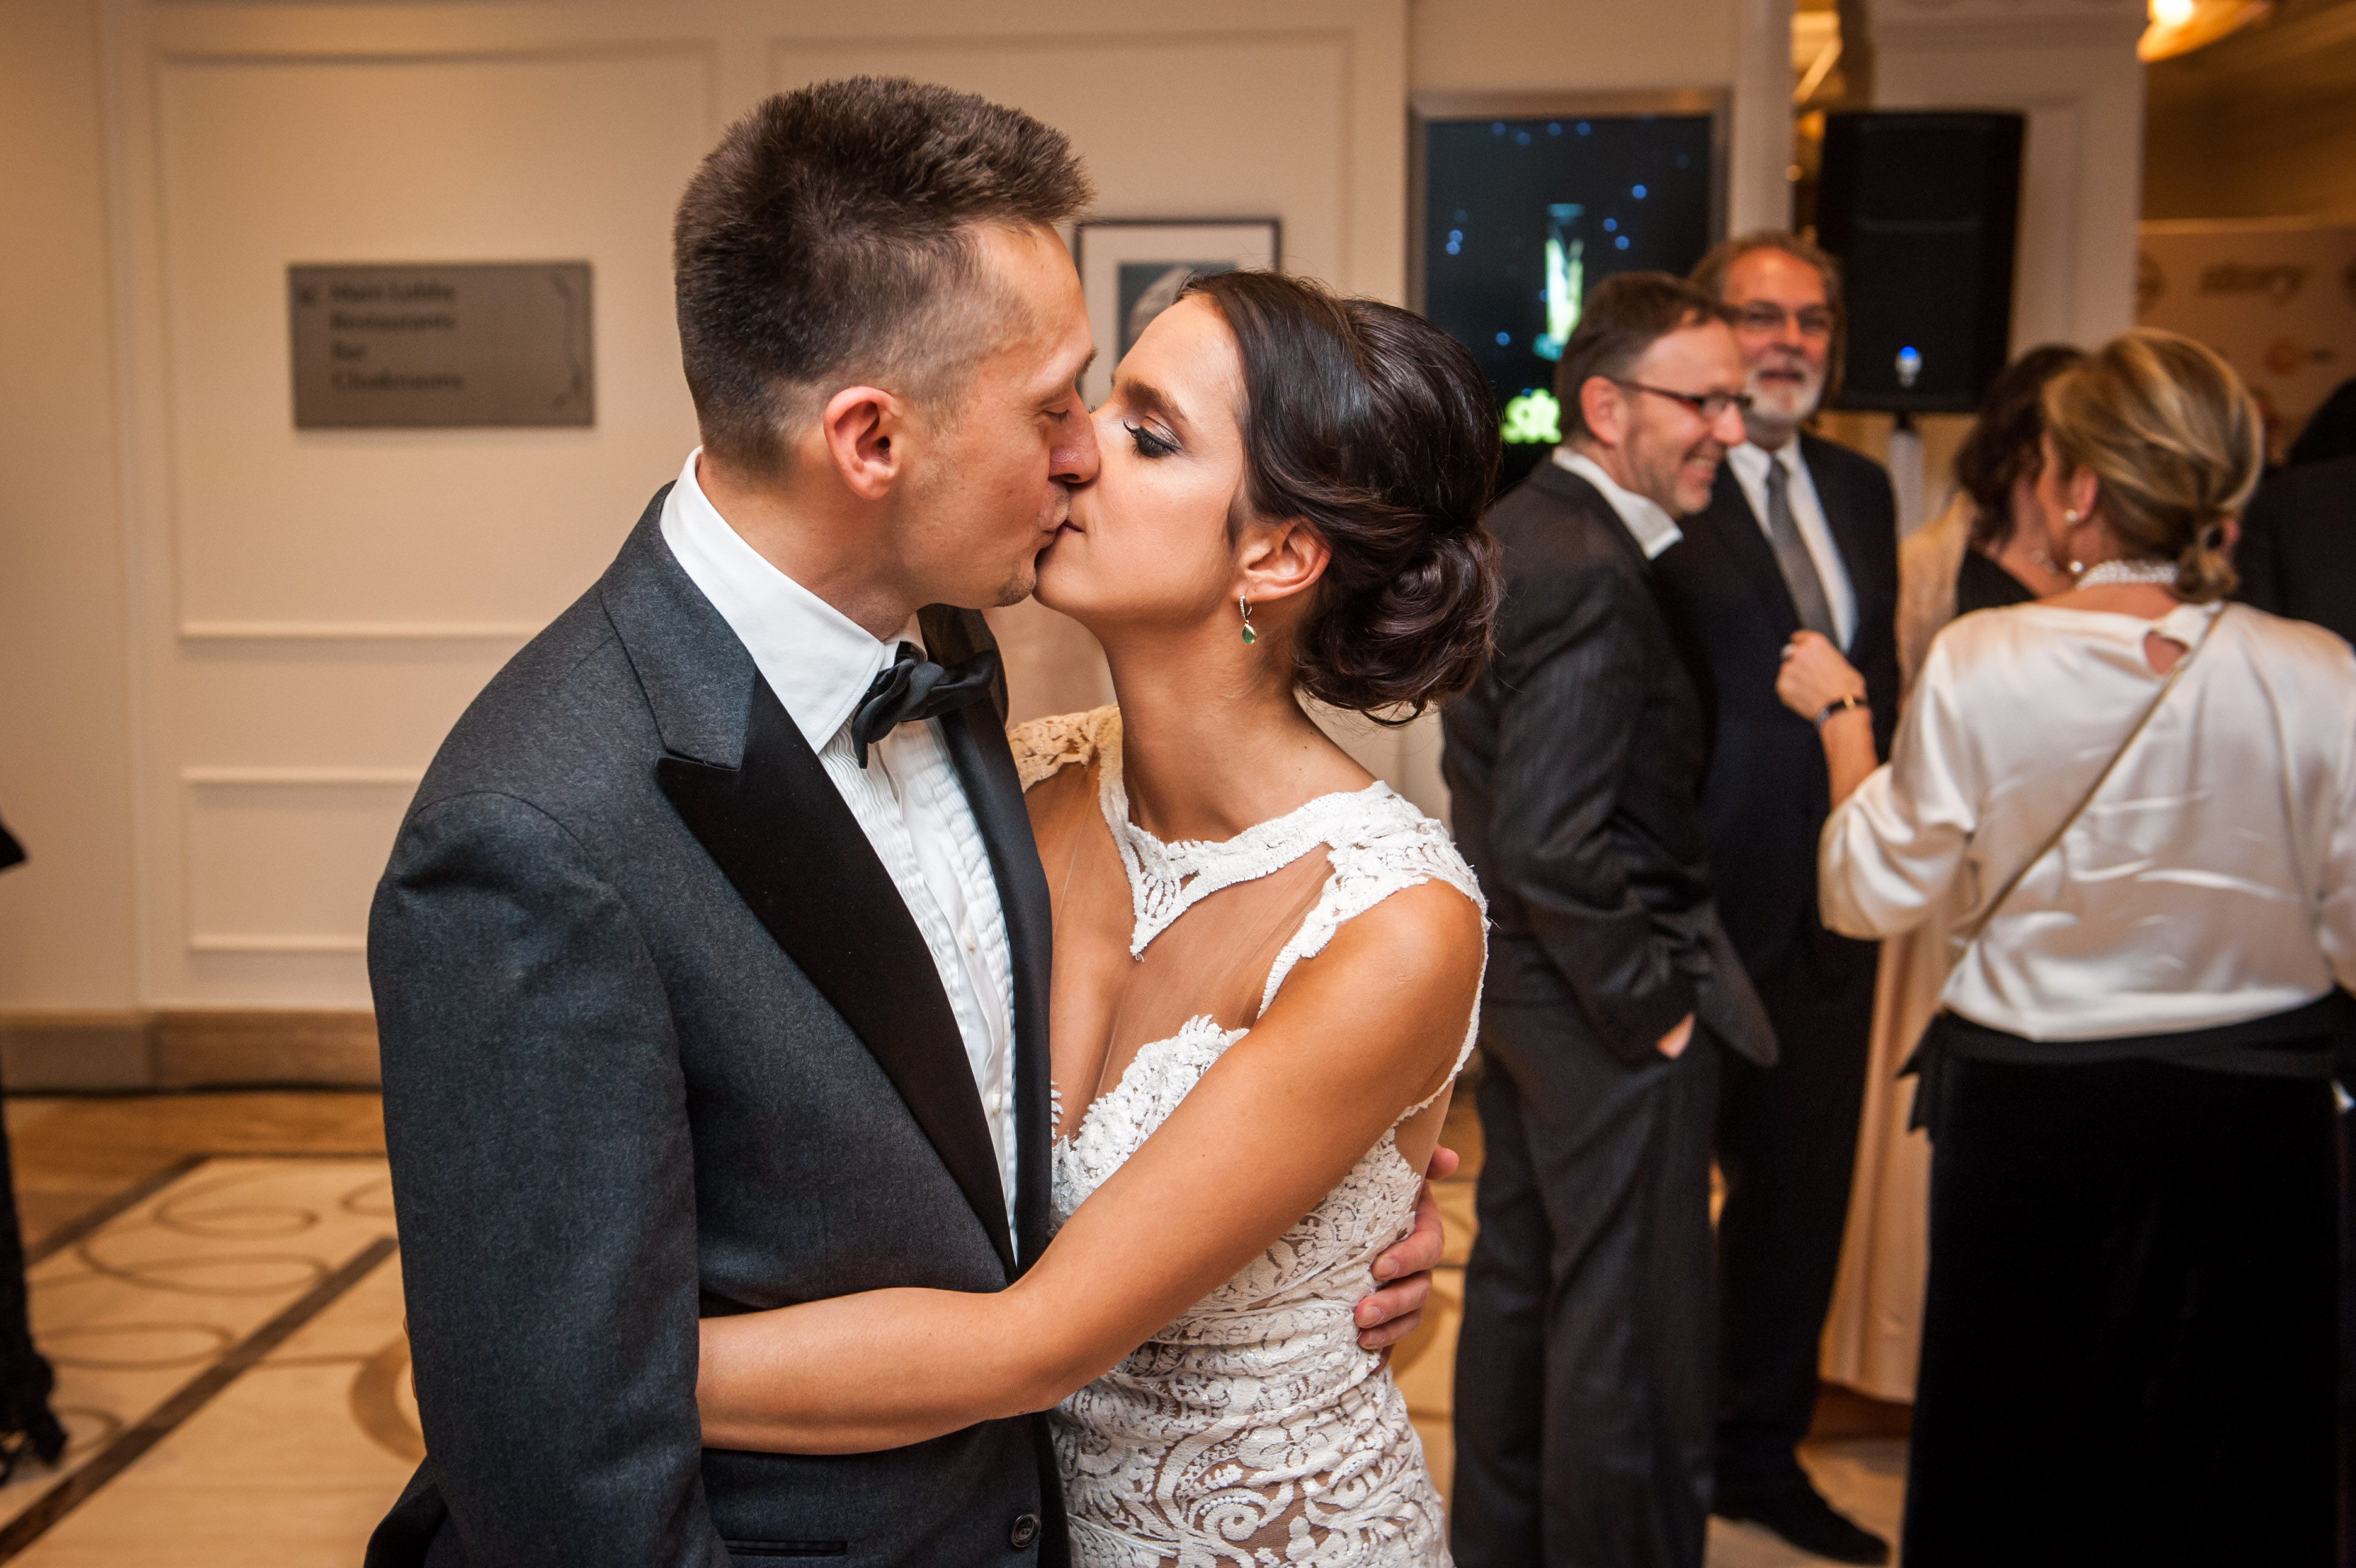 Story-gála: nézegess csókolózó szerelmespárokat Valentin-napon!